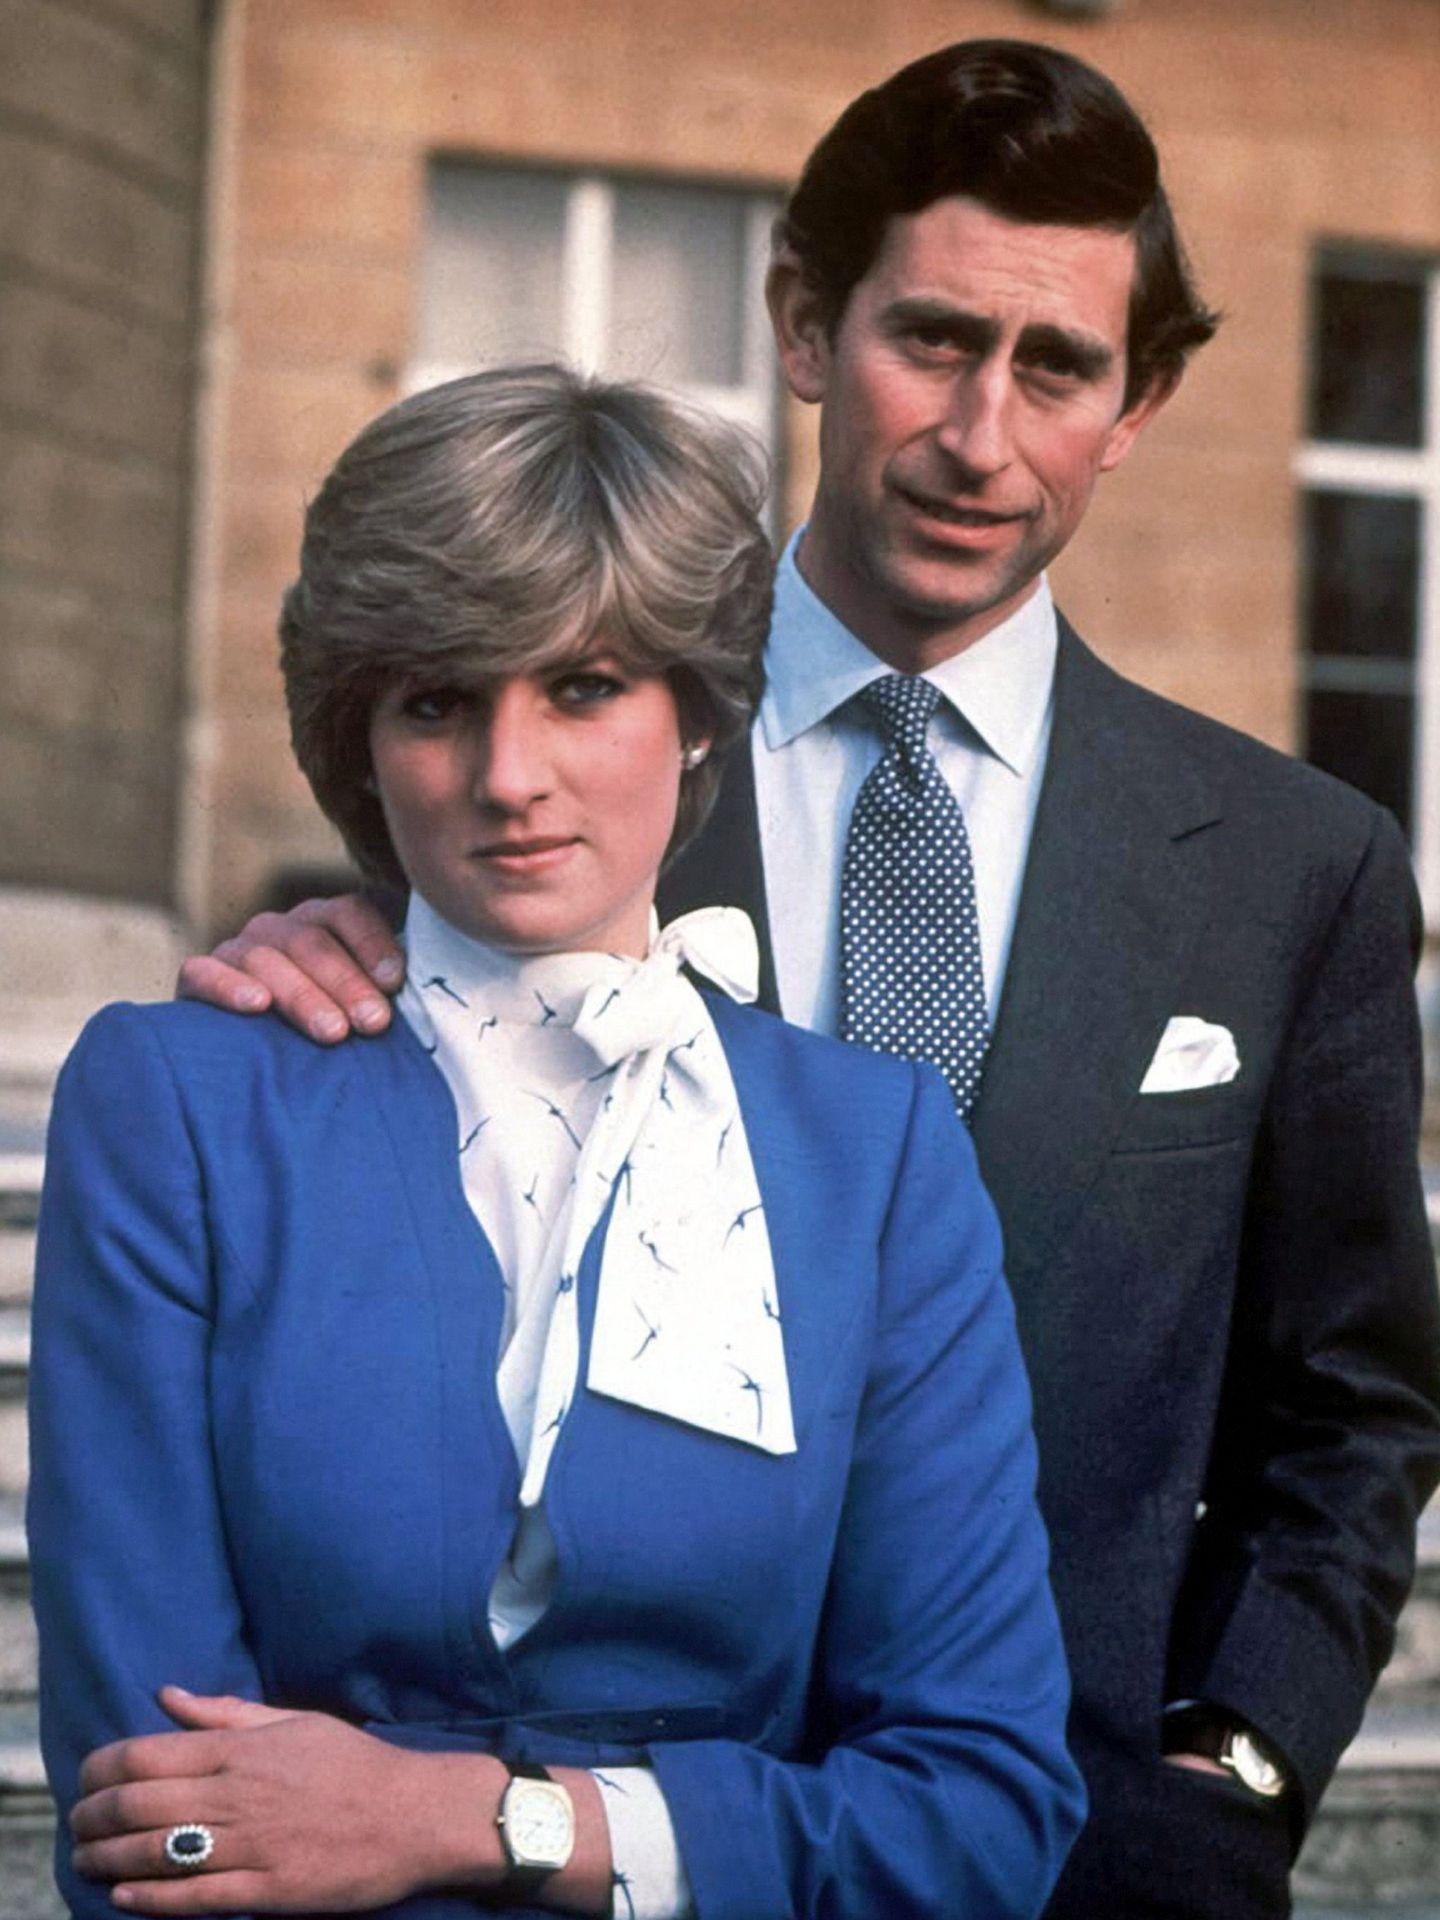 Fotografía de archivo de la princesa Diana, junto a su entonces prometido, el príncipe Carlos, posando el 24 de febrero de 1981. (EFE)